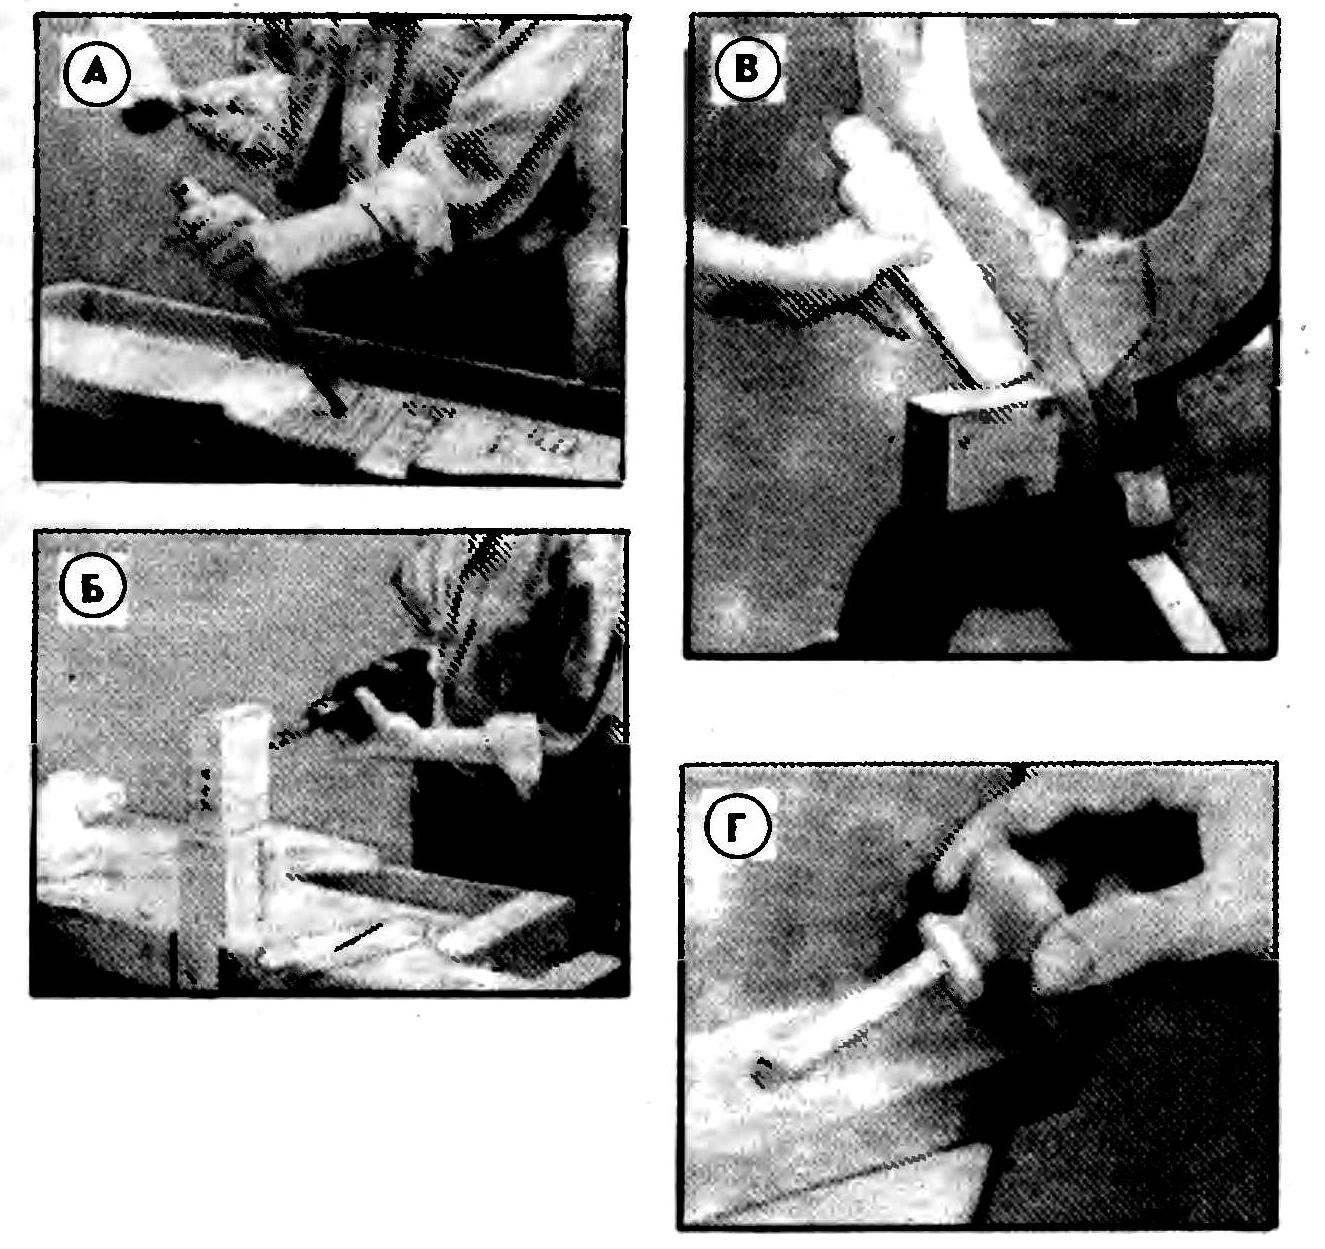 Р и с. 2, Некоторые этапы изготовления стола